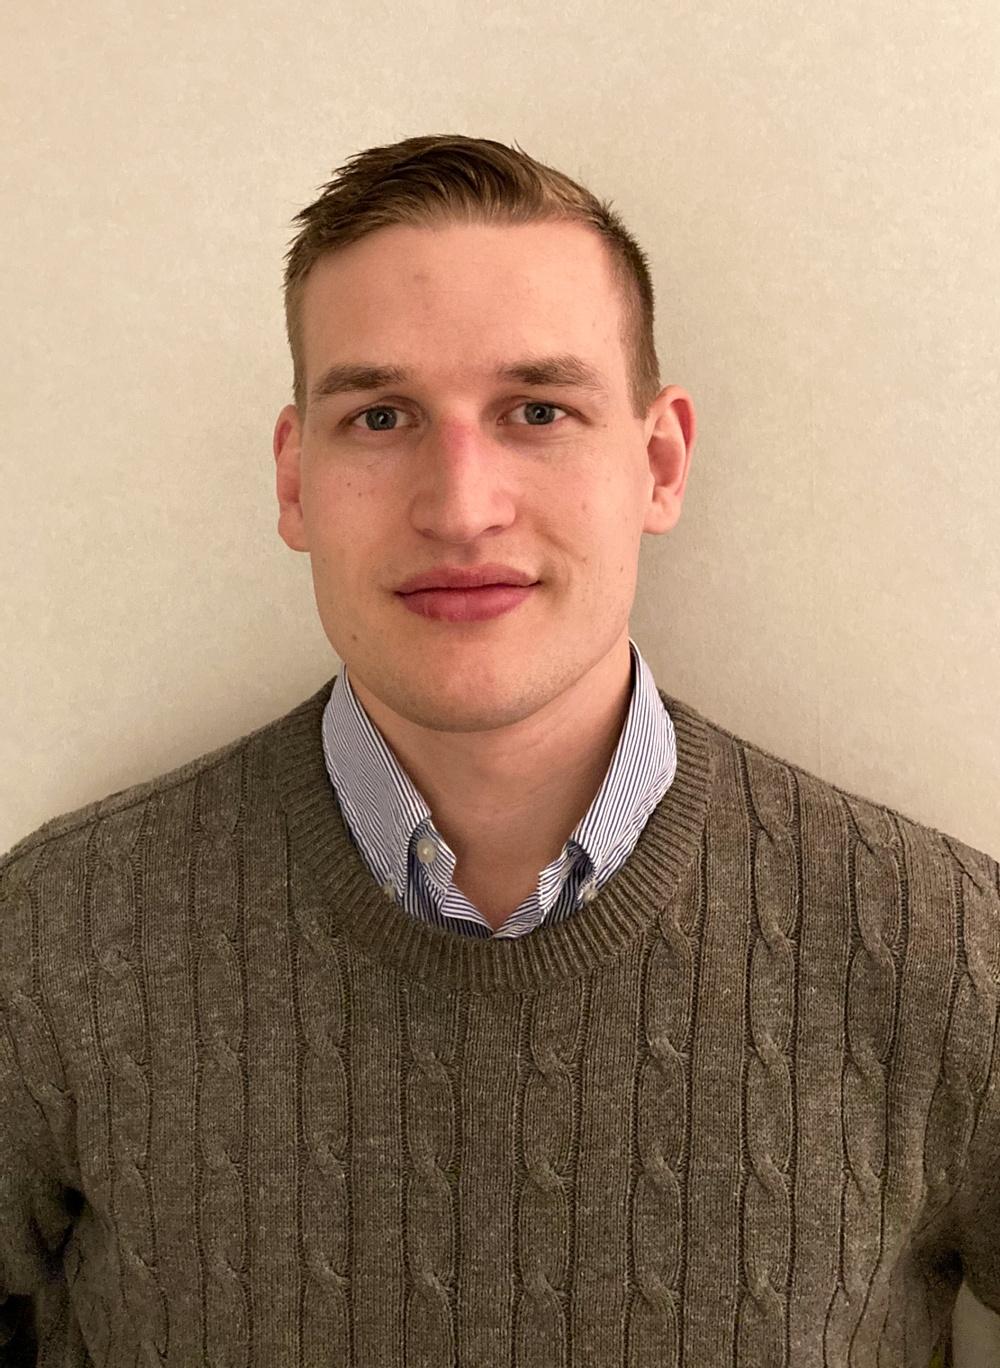 Niclas Henriksson, säkerhetsansvarig på Ahlstrom-Munksjö i Billingsfors. Foto: Ahlstrom-Munksjö